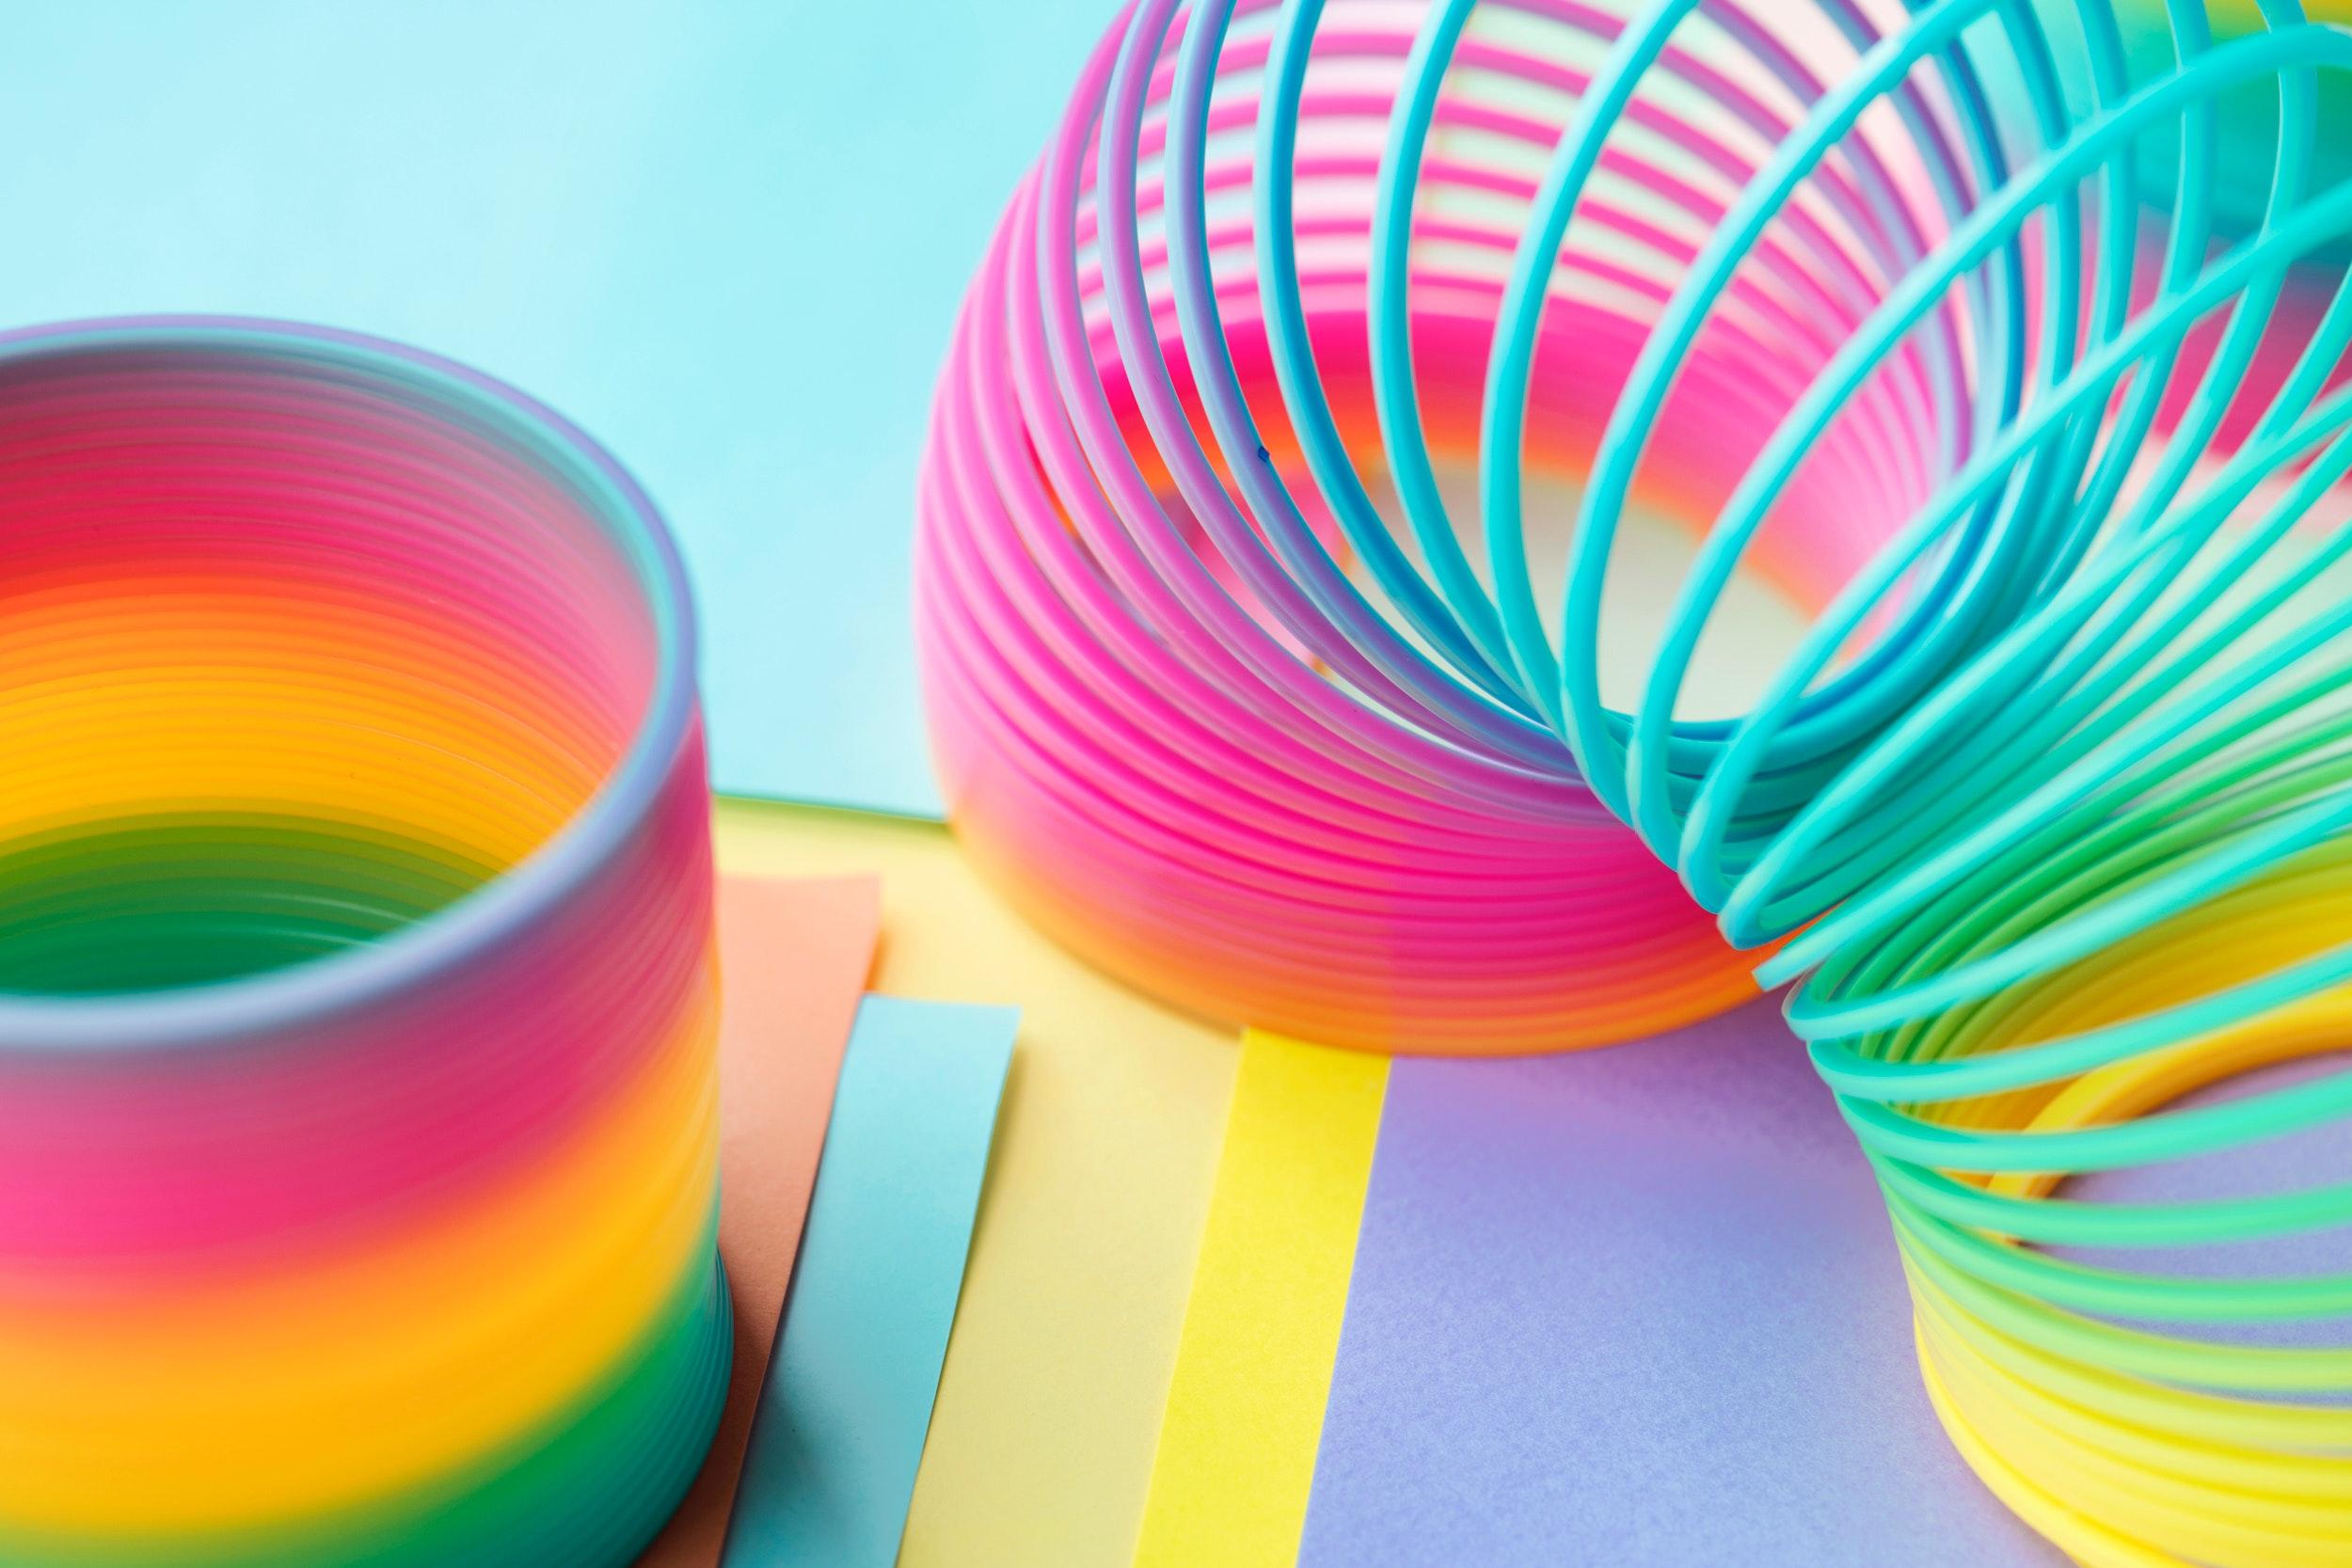 download wallpaper: kleurrijke spiralen wallpaper